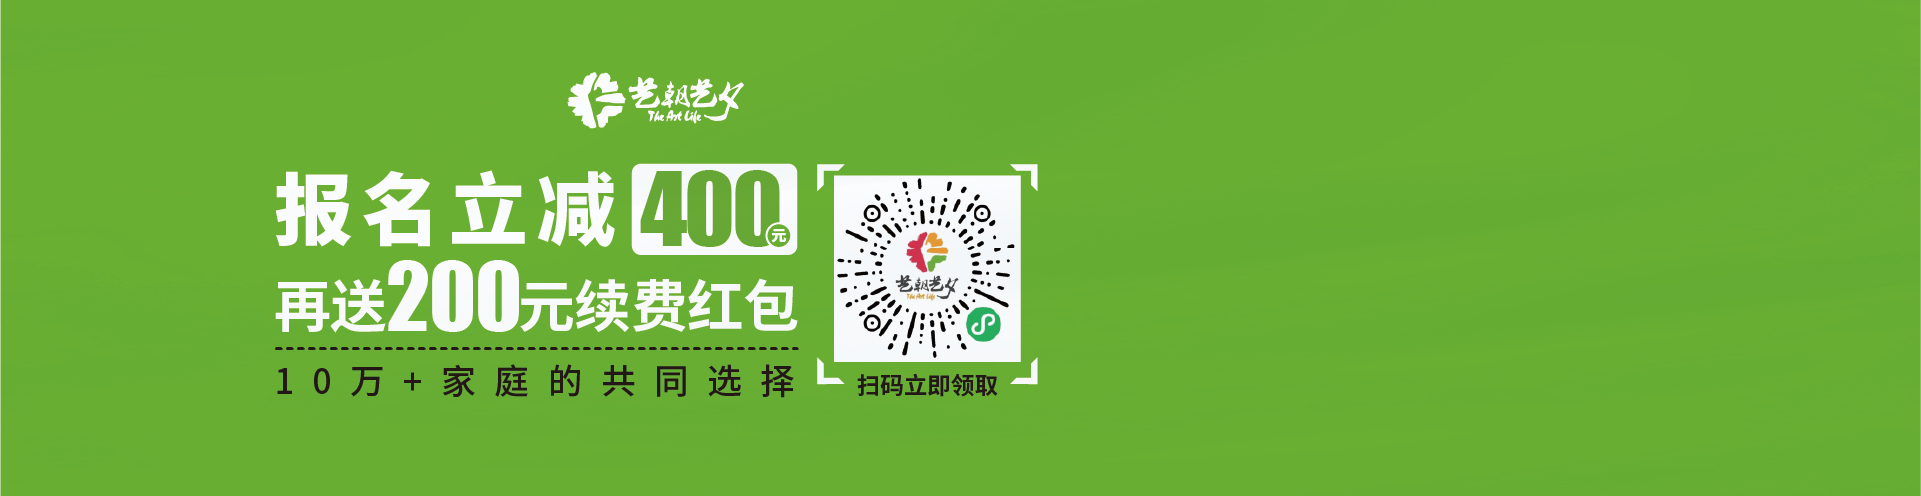 合肥艺朝艺夕9月线上活动